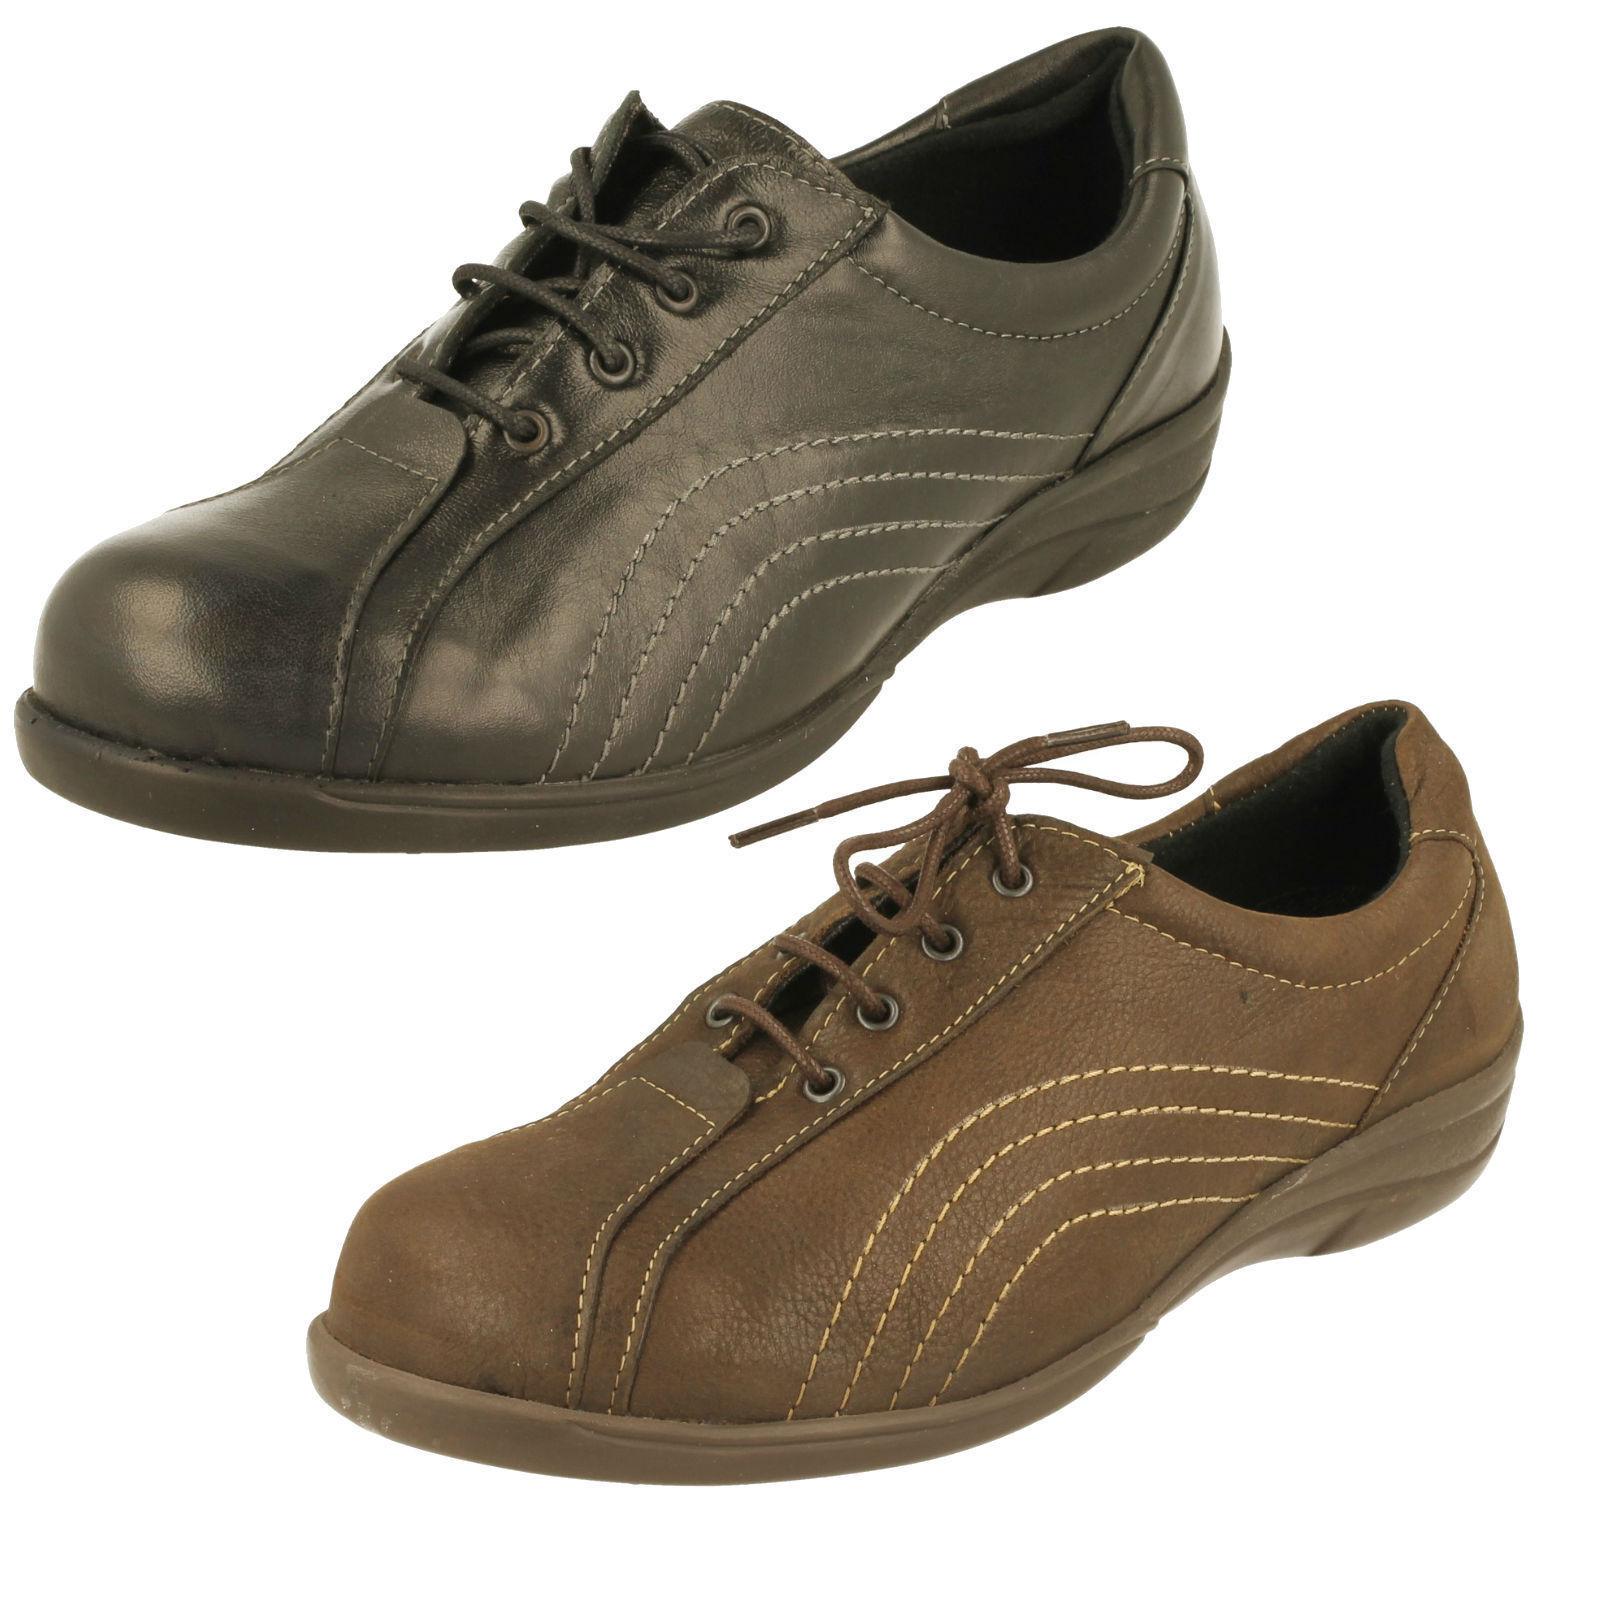 Zapatos casuales salvajes Descuento por tiempo limitado Ladies MELINA 68142  2 colours E-3E wide fit shoes by DB Easy Retail 69.99